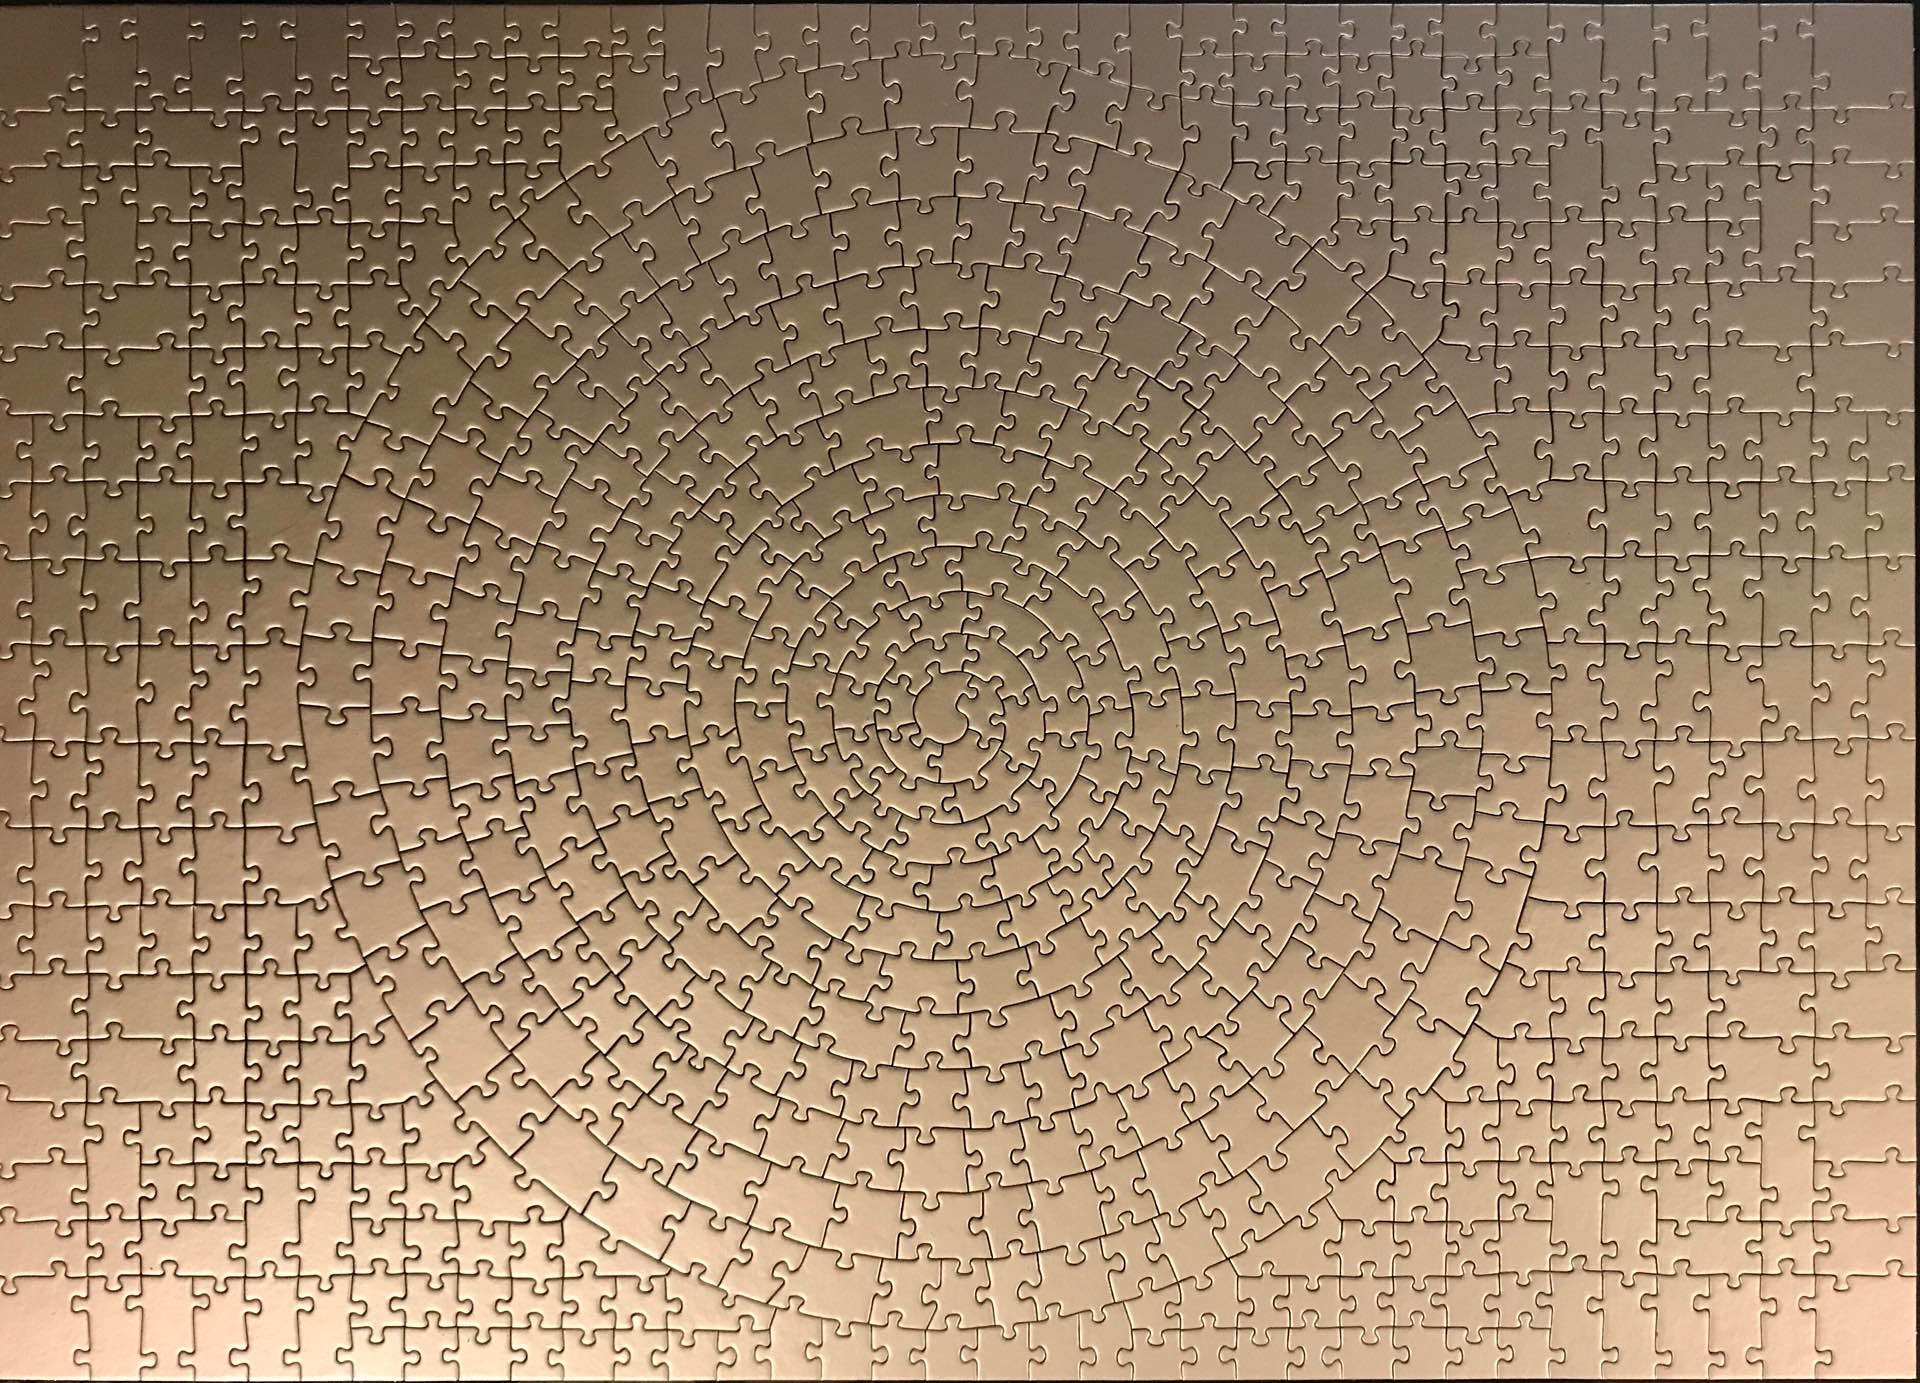 """Ravensburger """"Krypt"""" puzzle. ($20 for gold, $24 for silver)Photo: u/bruckization (Reddit)"""